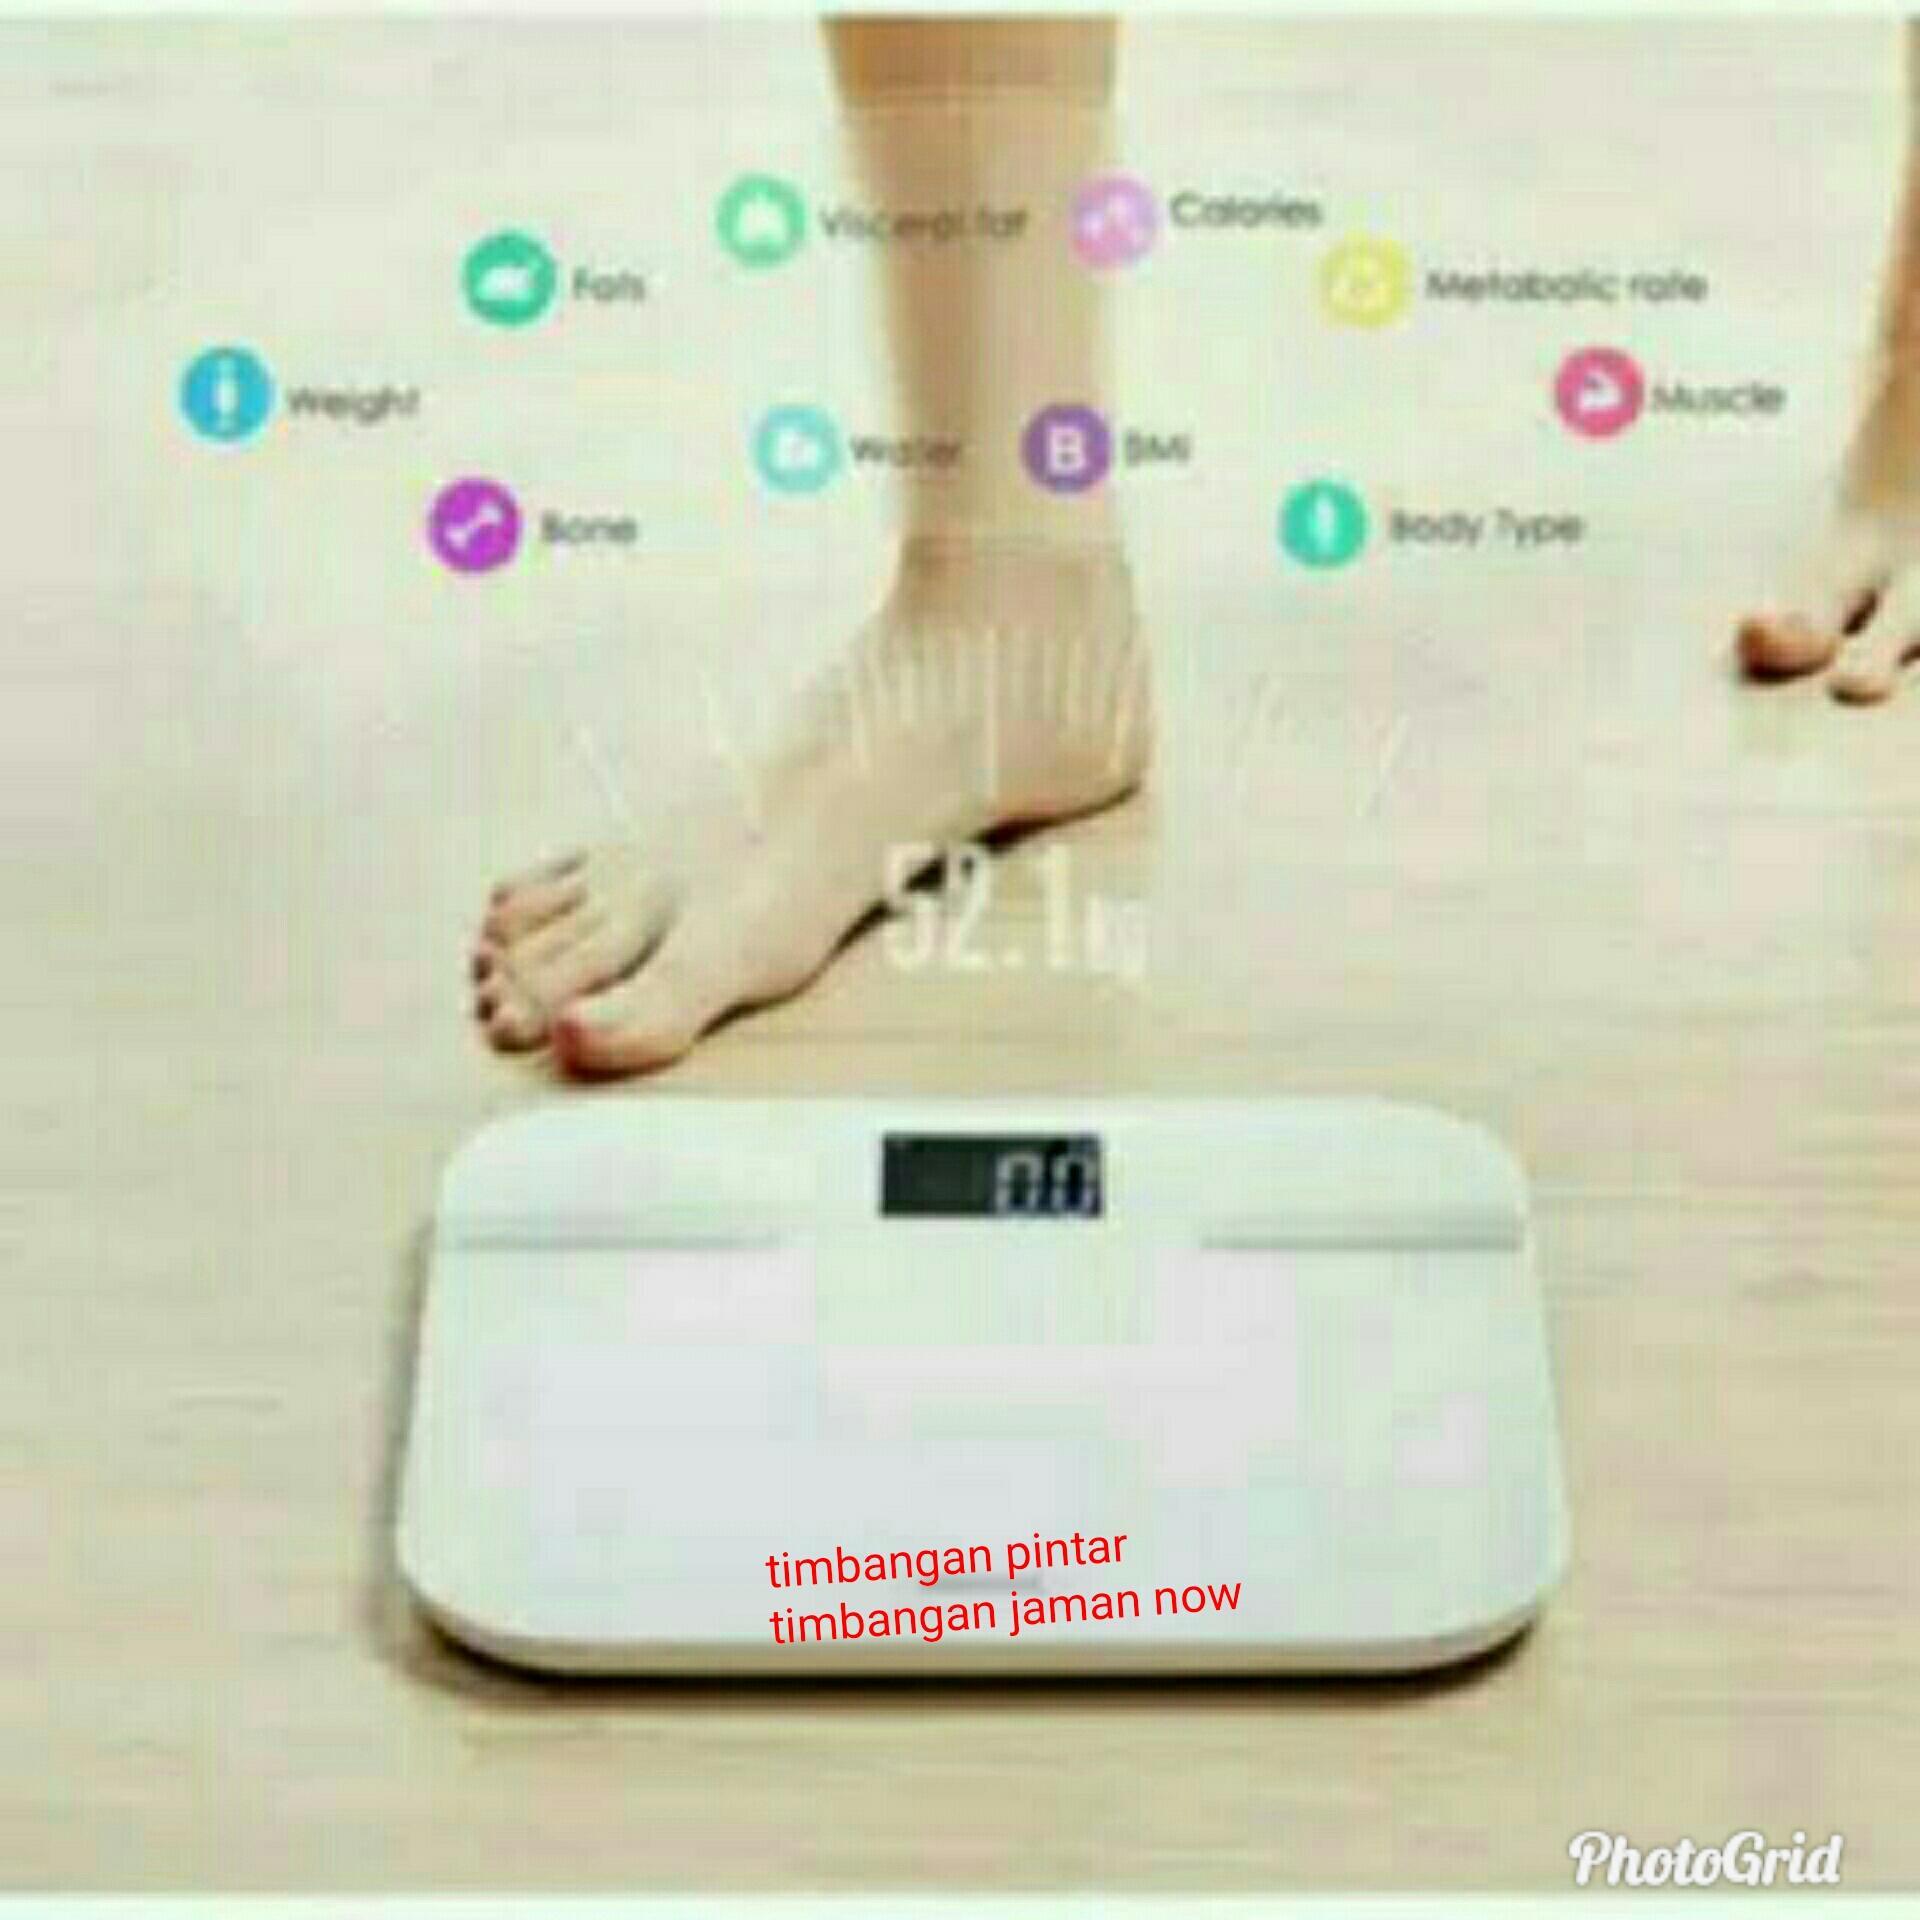 TIMBANGAN FOR HERBALIFE LEBIHBAIK DARI TANITA# bisa mengukur lemak perut, usia cell, kadar lemak, berat bayi